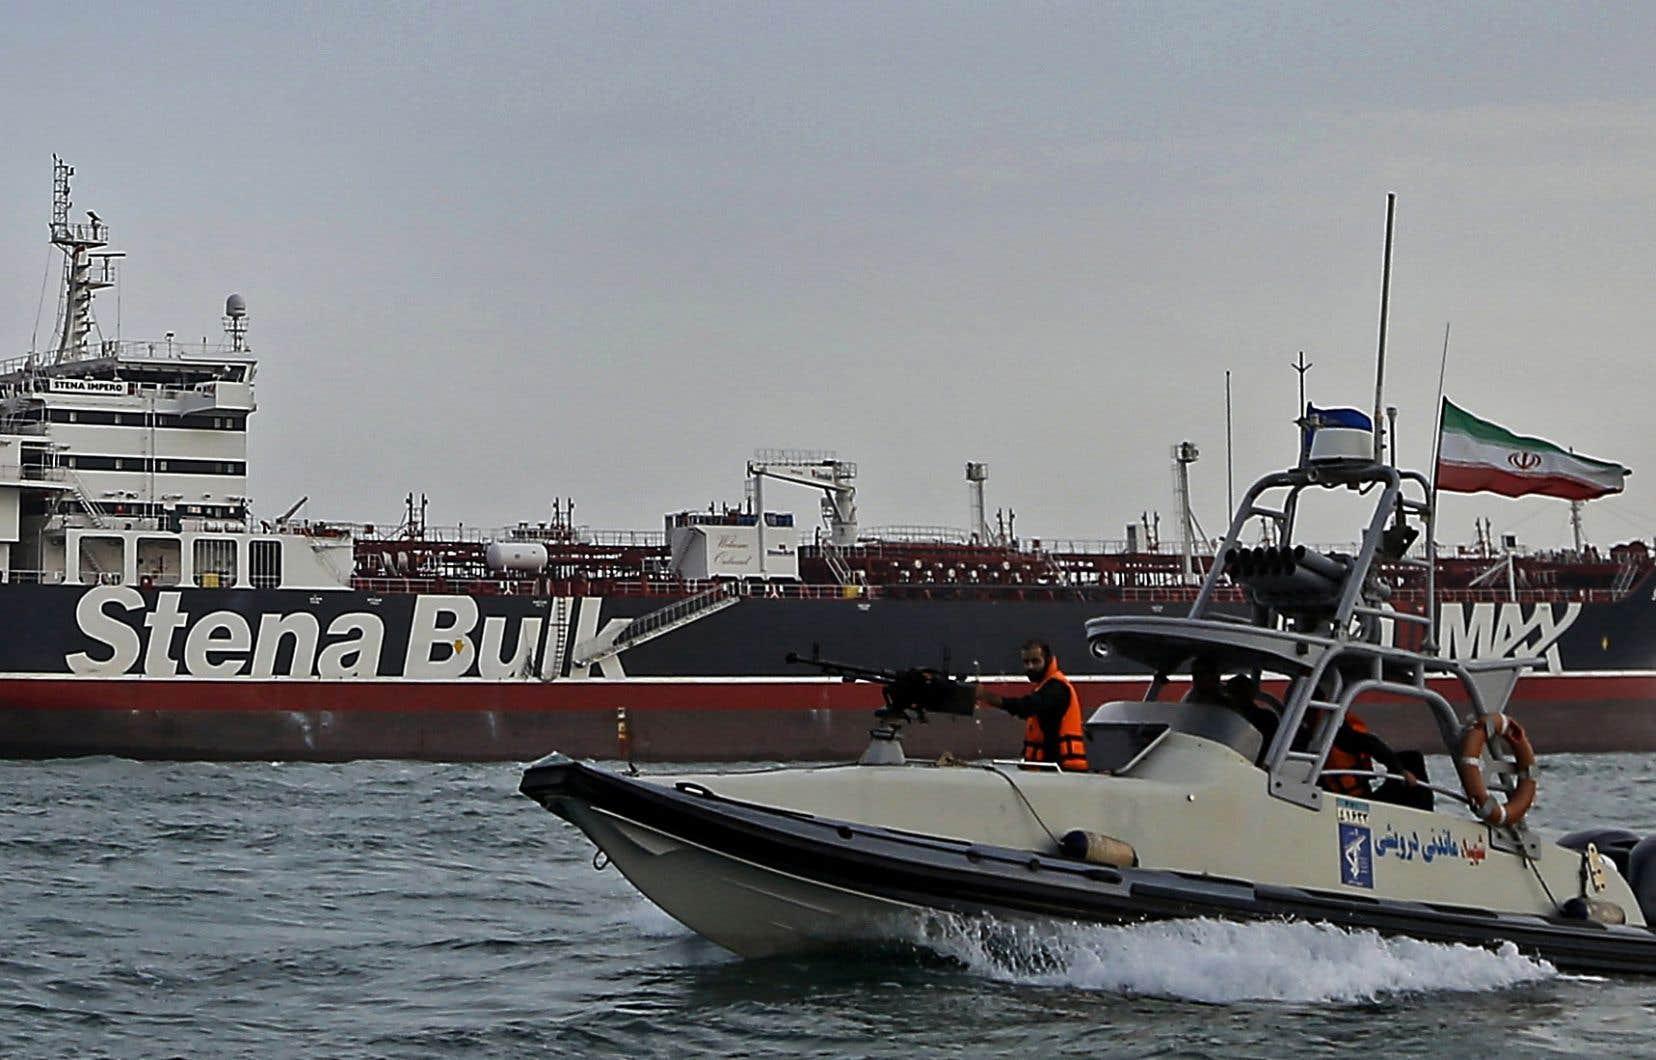 Propriété d'un armateur suédois, le pétrolier a été arraisonné vendredi par les Gardiens de la Révolution, l'armée idéologique iranienne.